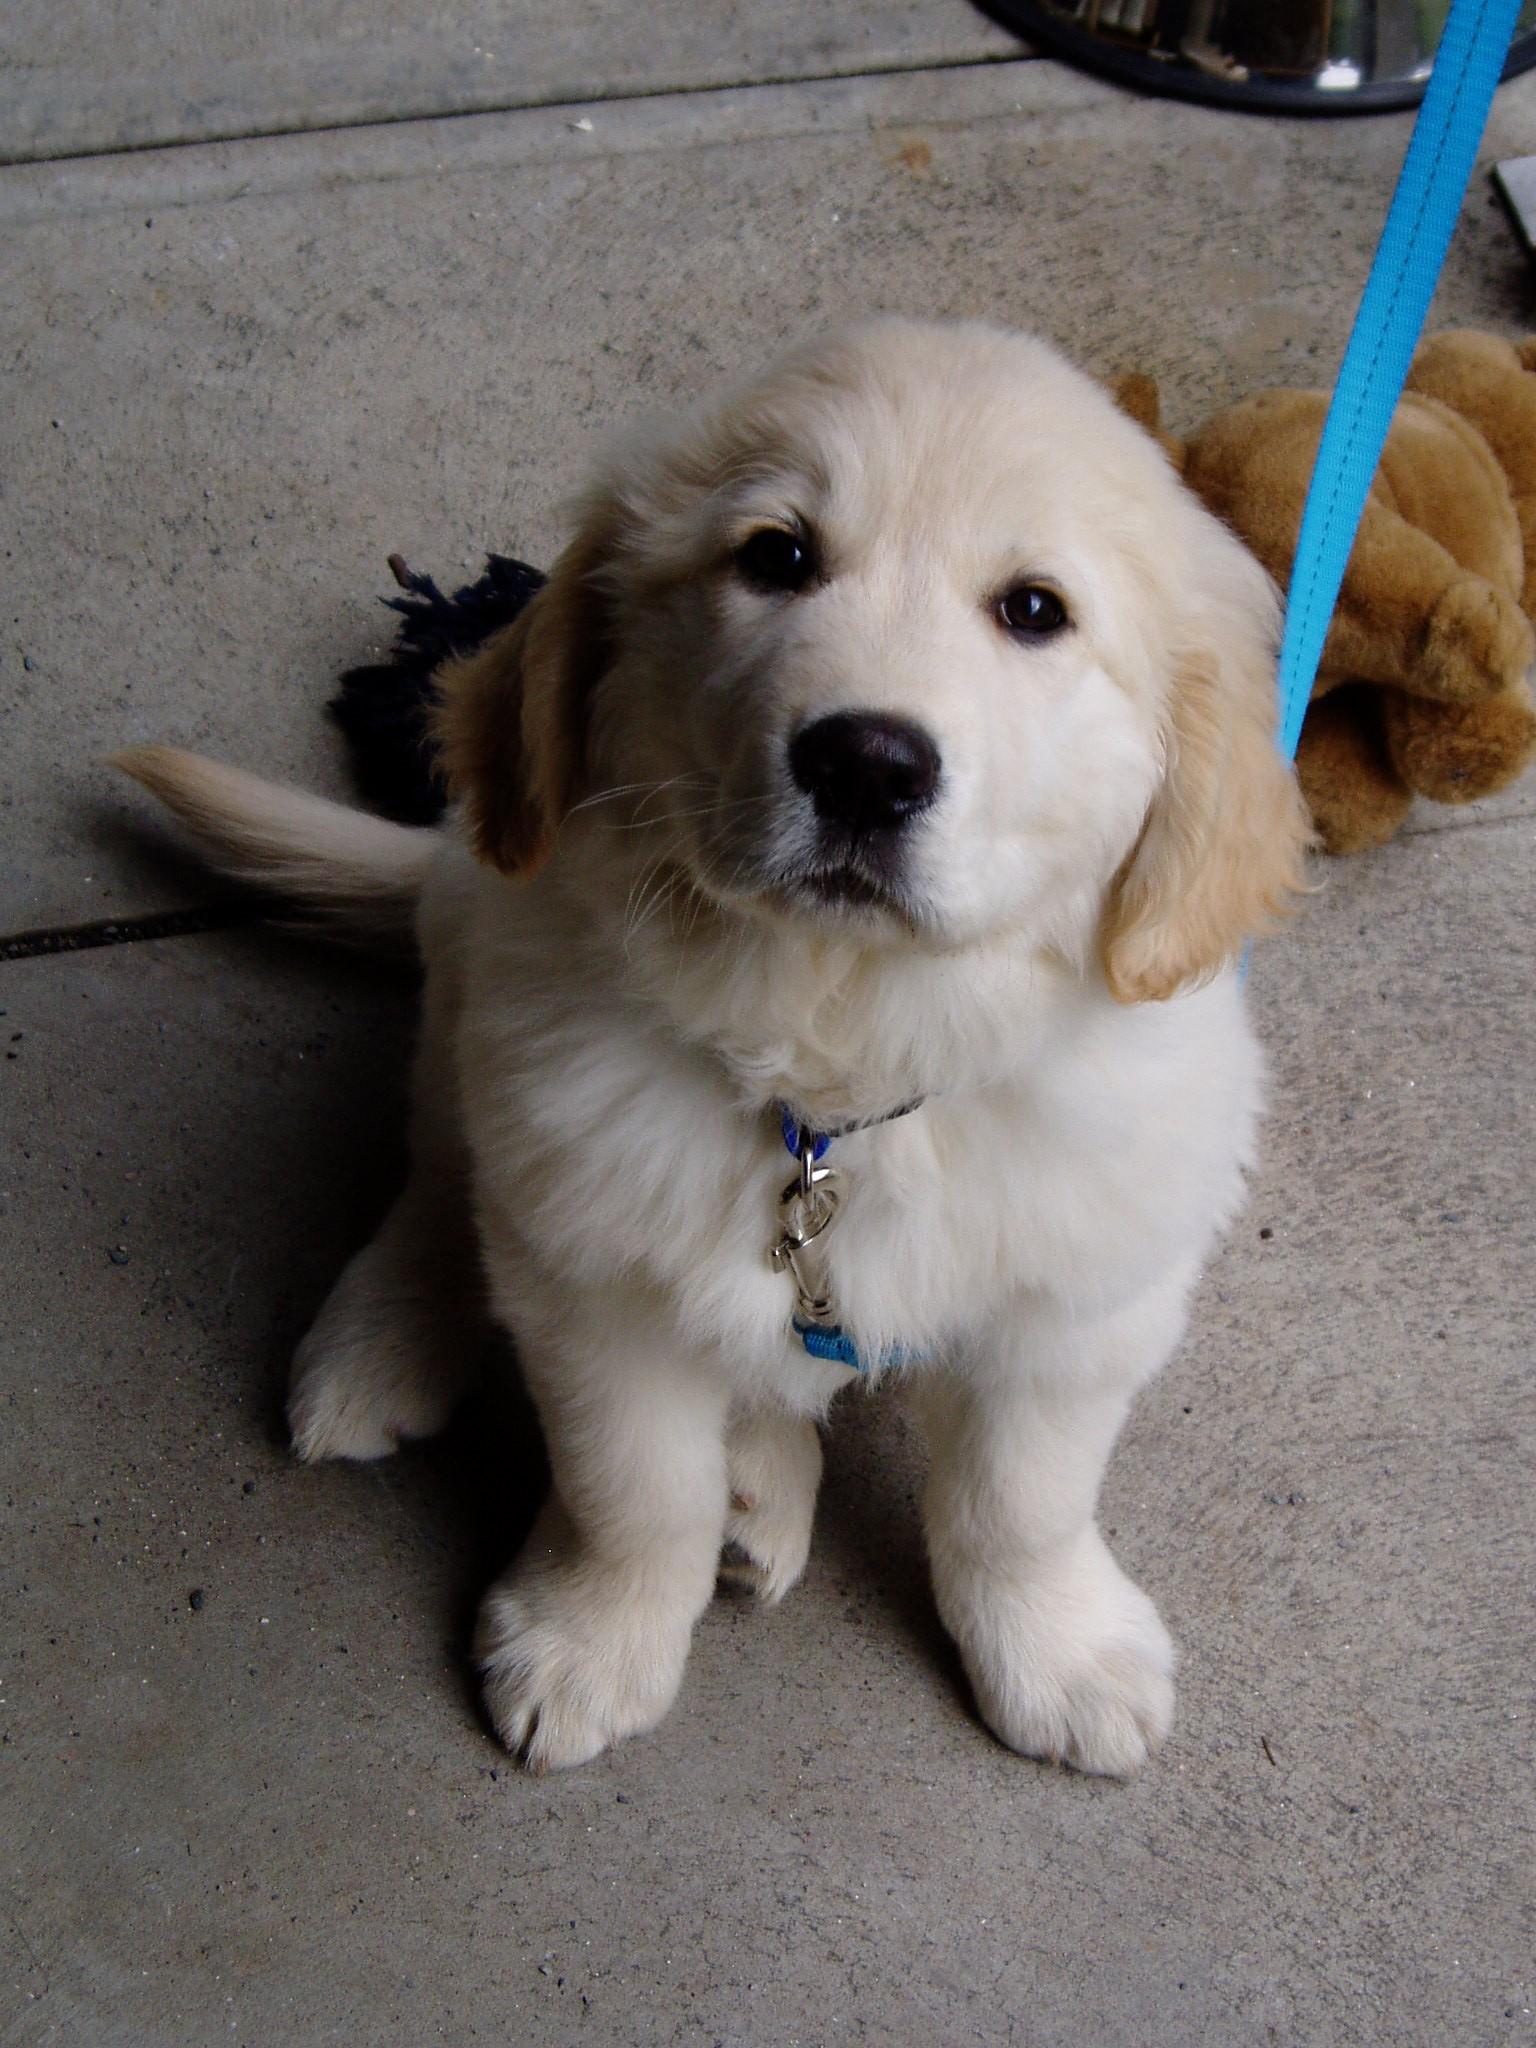 Cute Puppy Dog on Leash